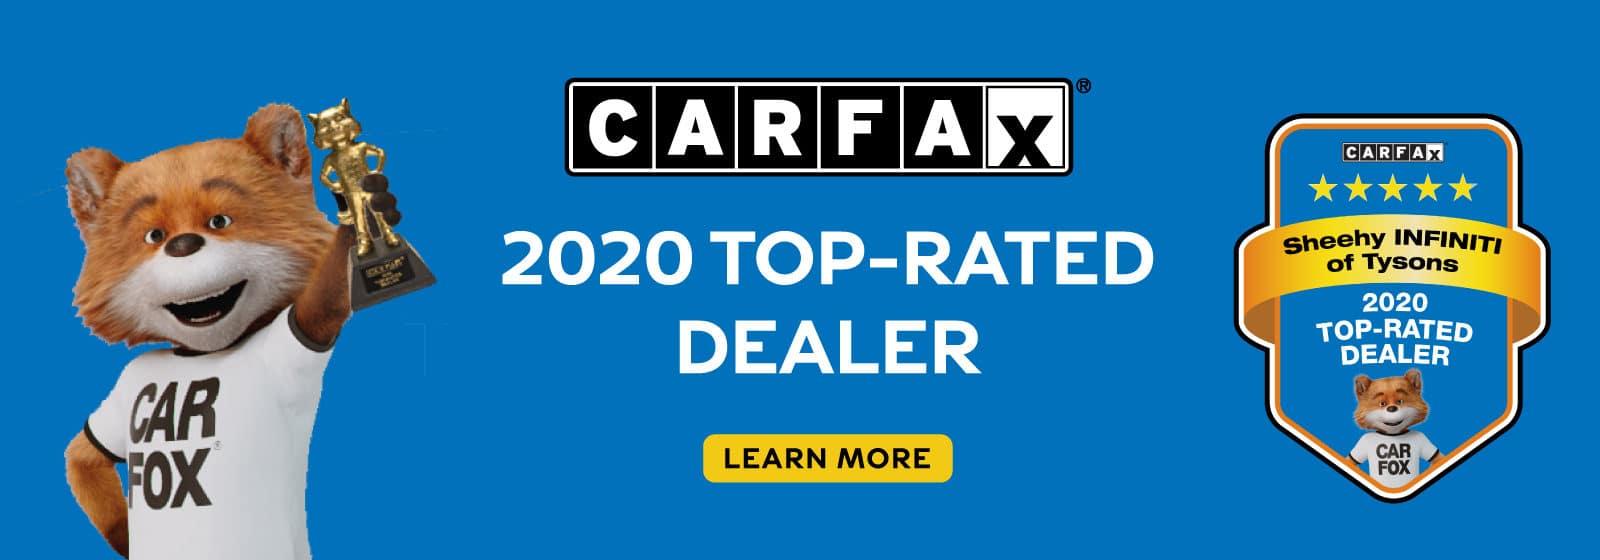 TY-APR2021-CarFaxTopDealer-1620×560-webslider